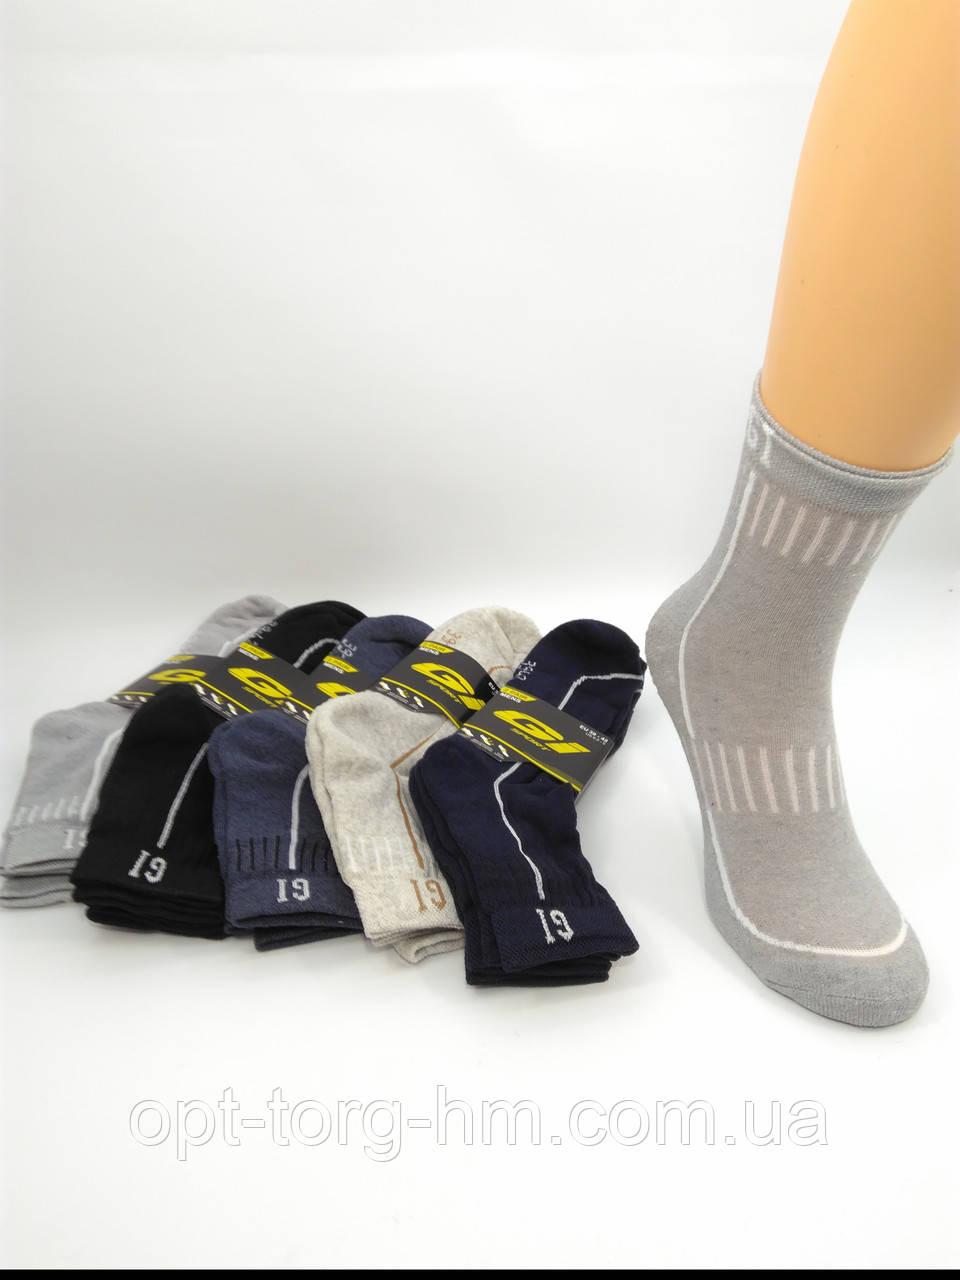 """Стопа махровая """"GI SPORT"""" 39-42(ОБУВЬ) Спортивные полумахровые мужские носки  )"""